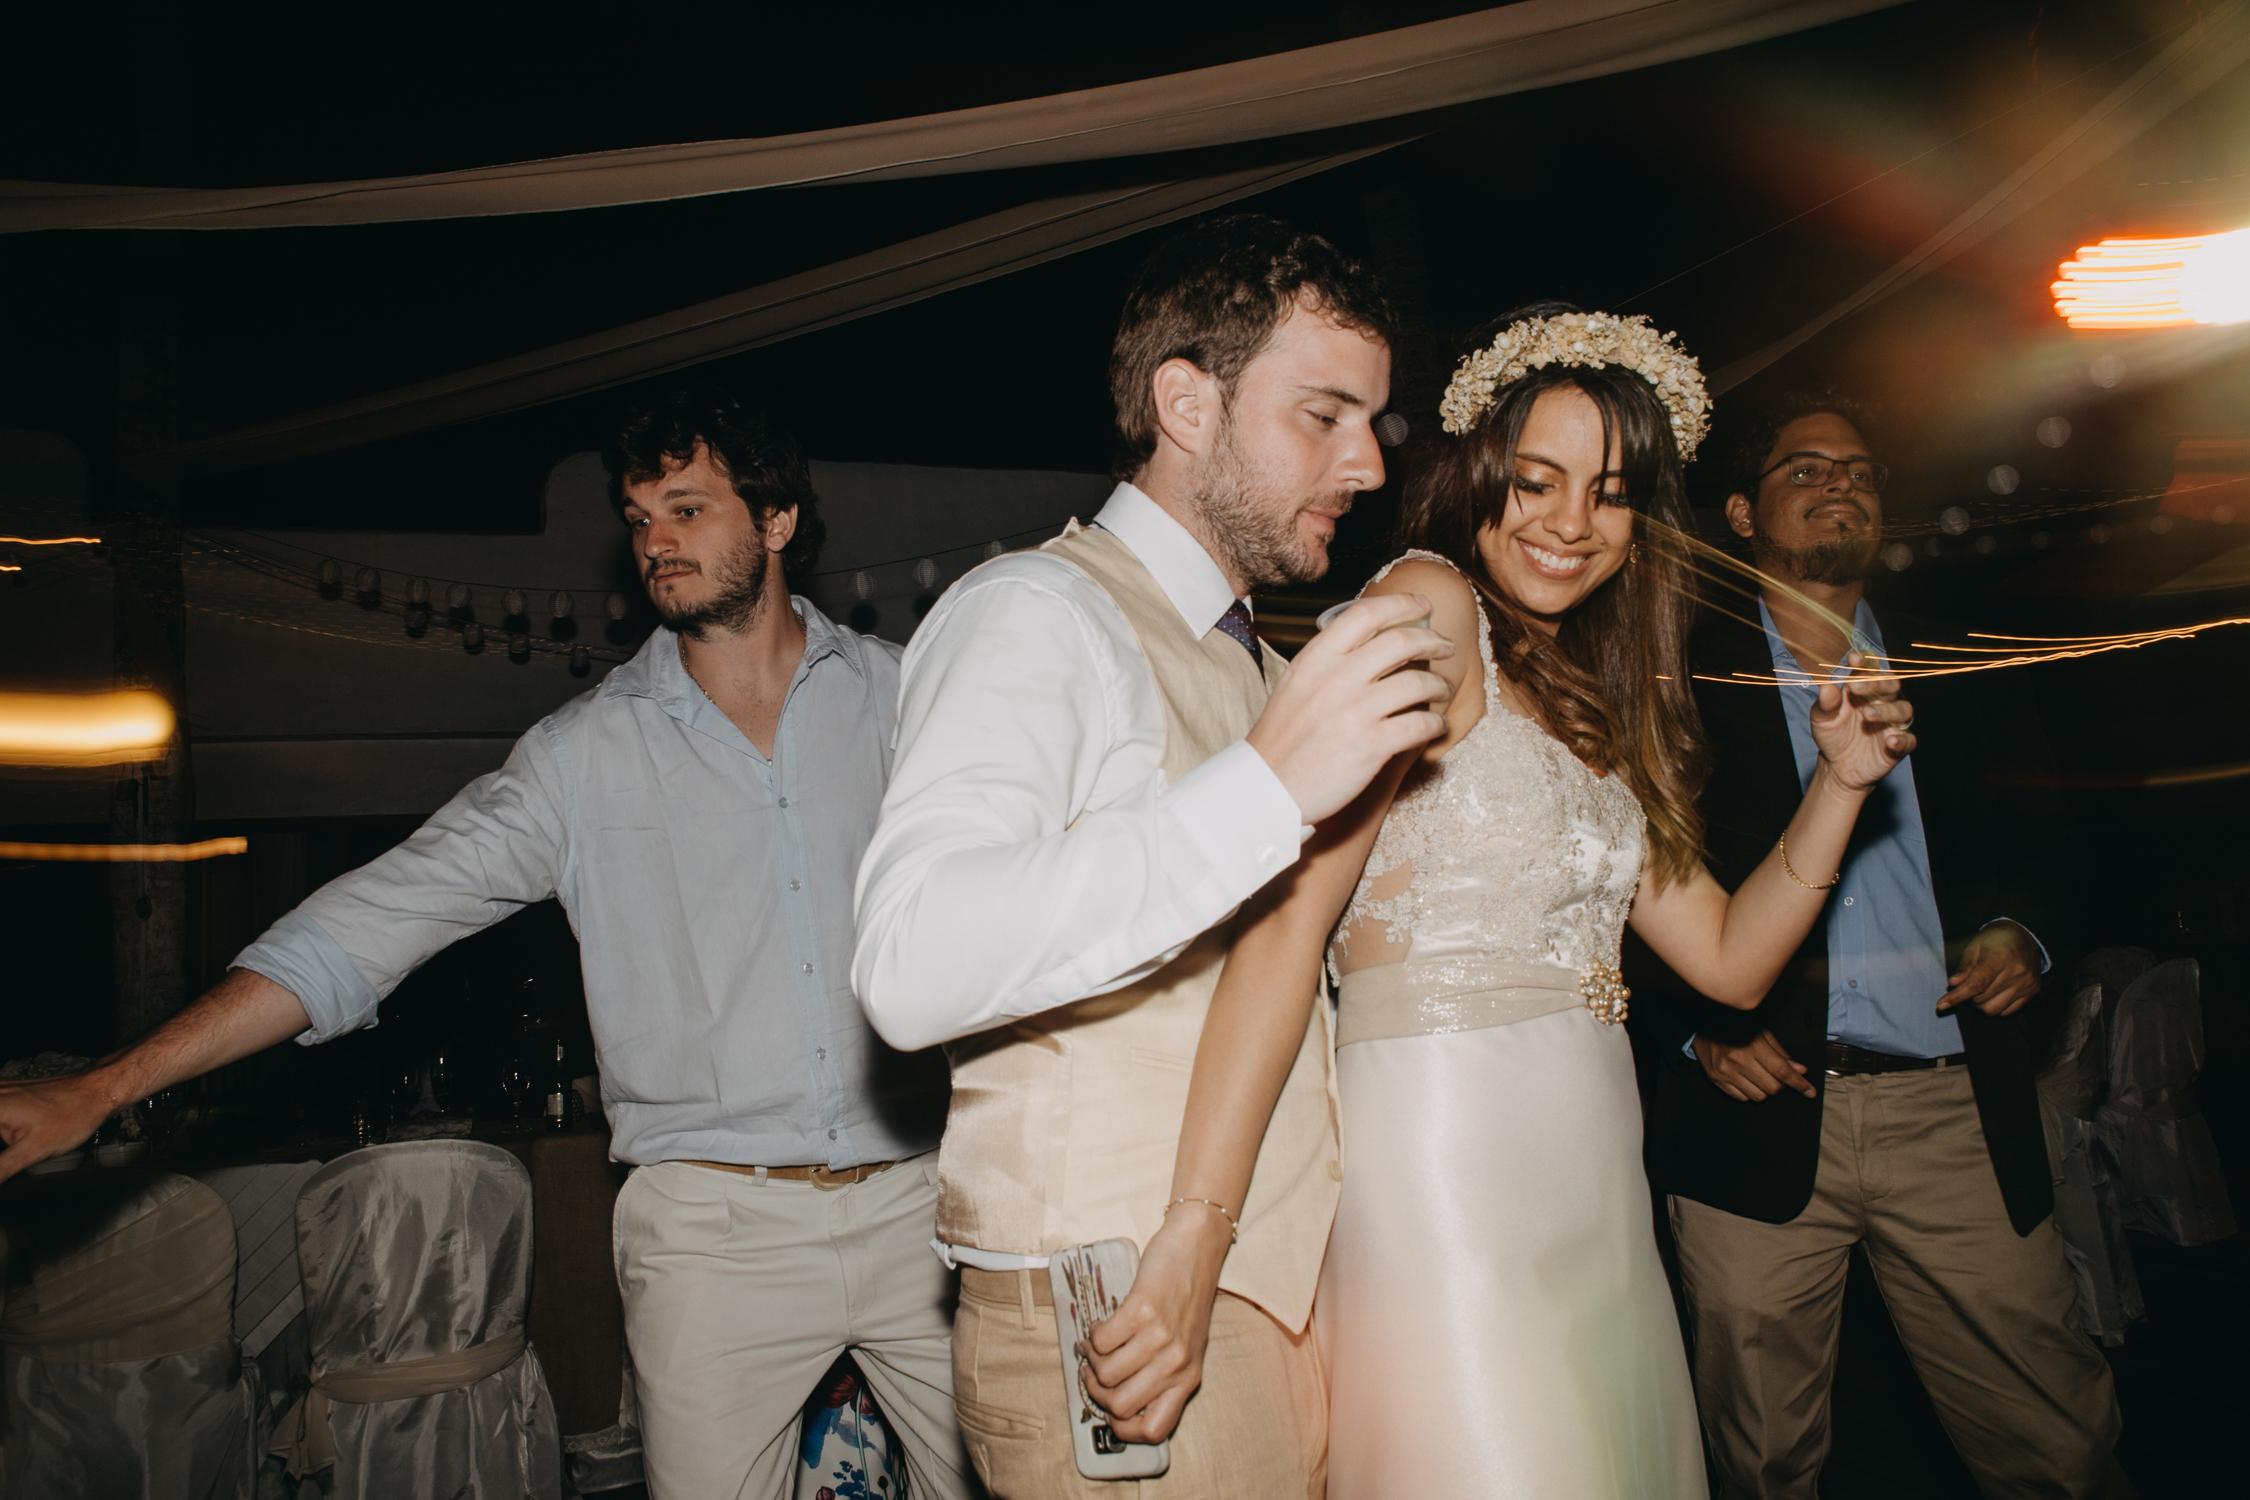 Michelle-Agurto-Fotografia-Bodas-Ecuador-Destination-Wedding-Photographer-Galapagos-Andrea-Joaquin-451.JPG